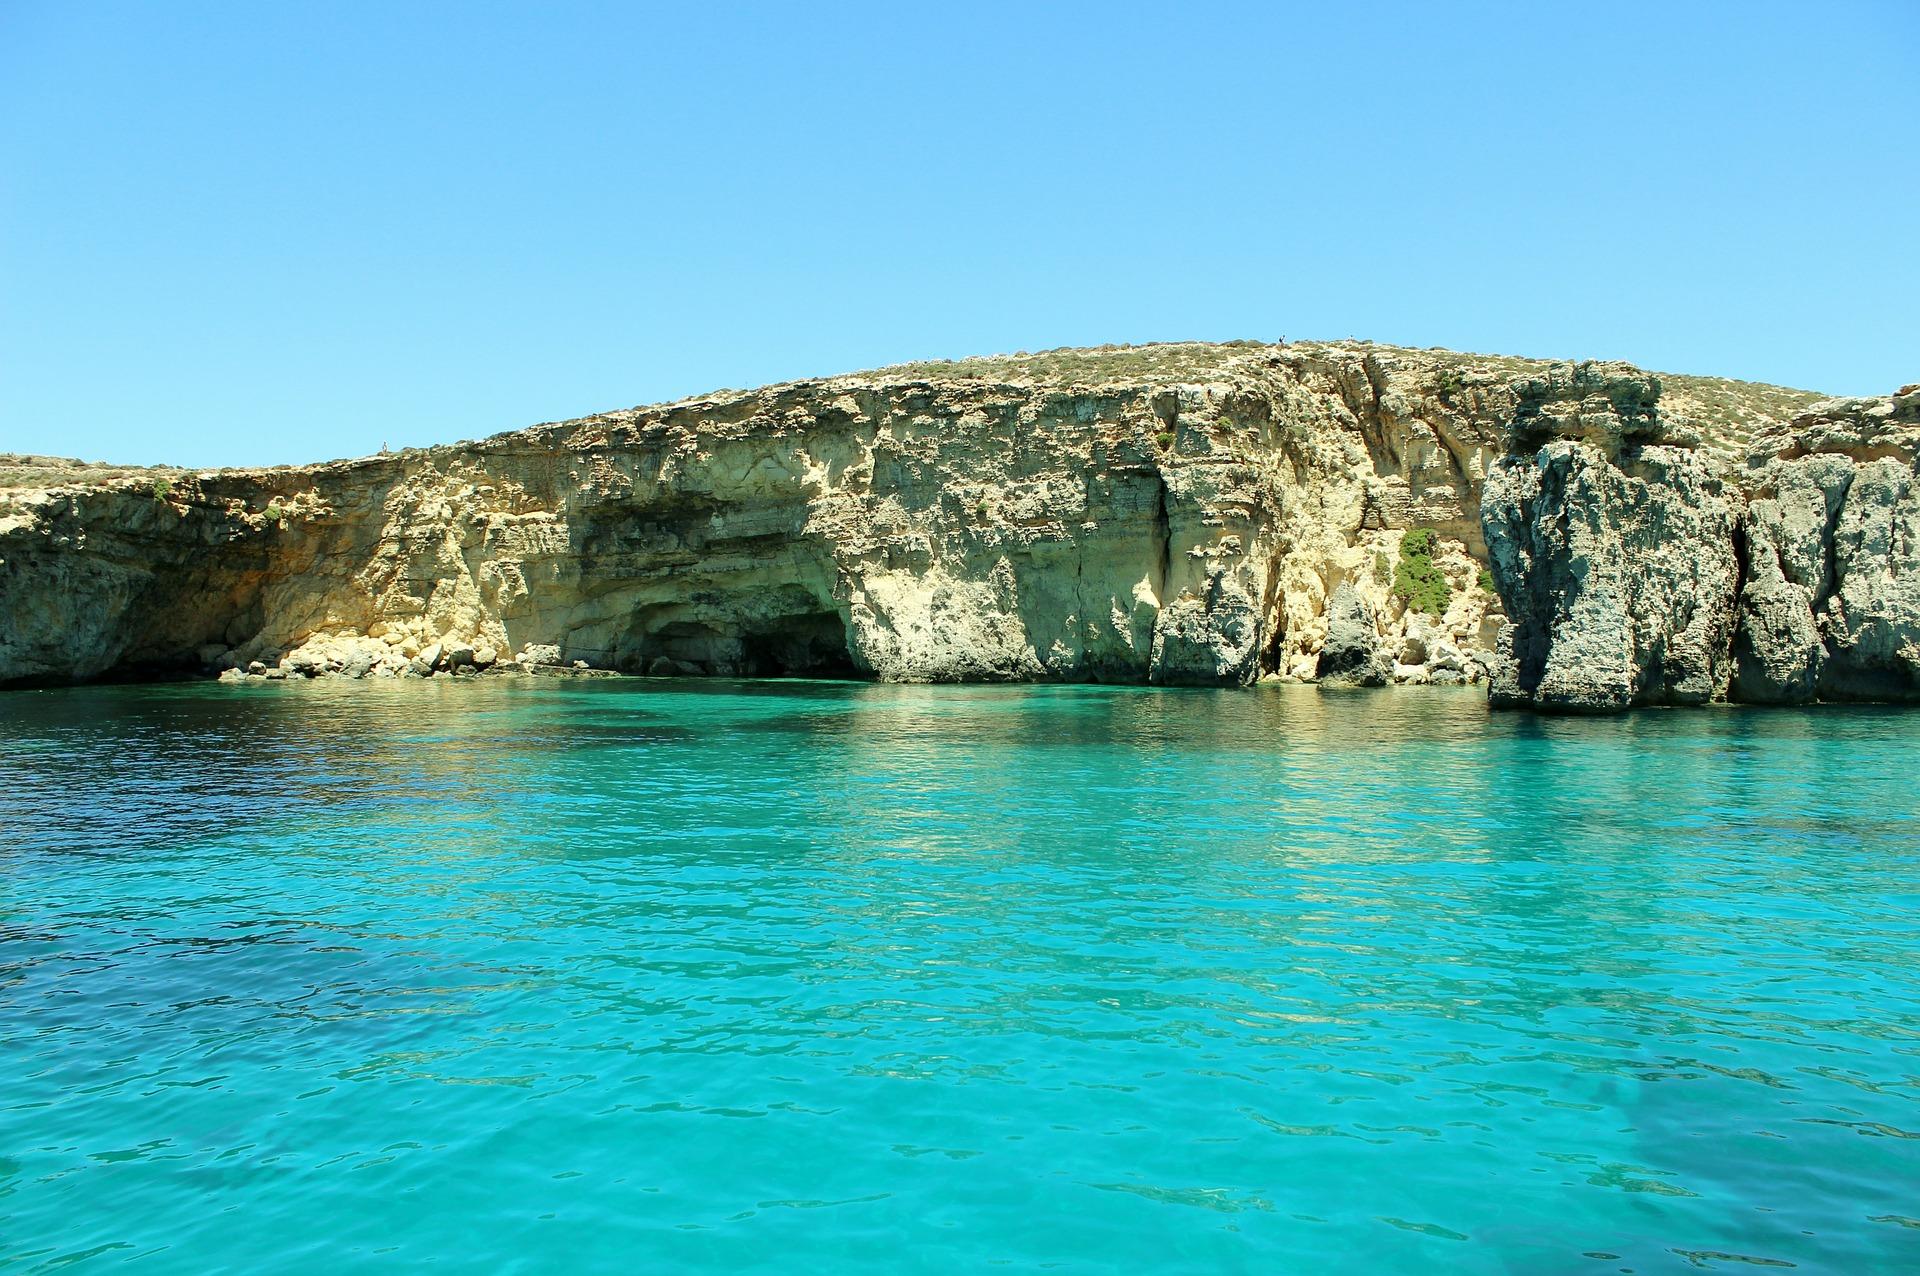 Alleine Reisen nach Malta ab 142,00€ eine Woche im 4 Hotel